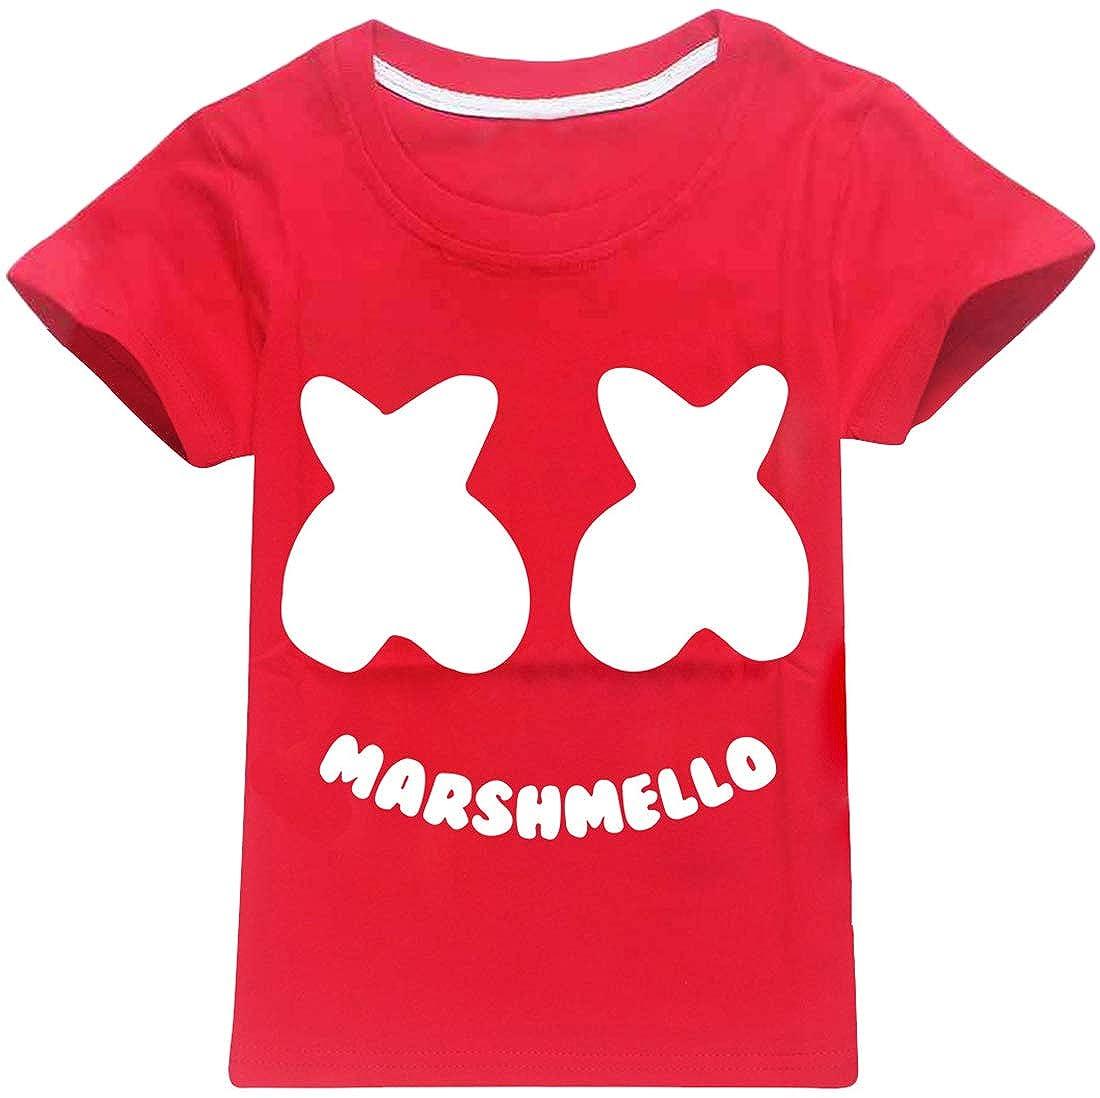 EMILYLE Ragazze Pullover Logo Stampato Maglietta Marshmello DJ Suono Elettrico EDM Cool Hip Hop T-Shirt